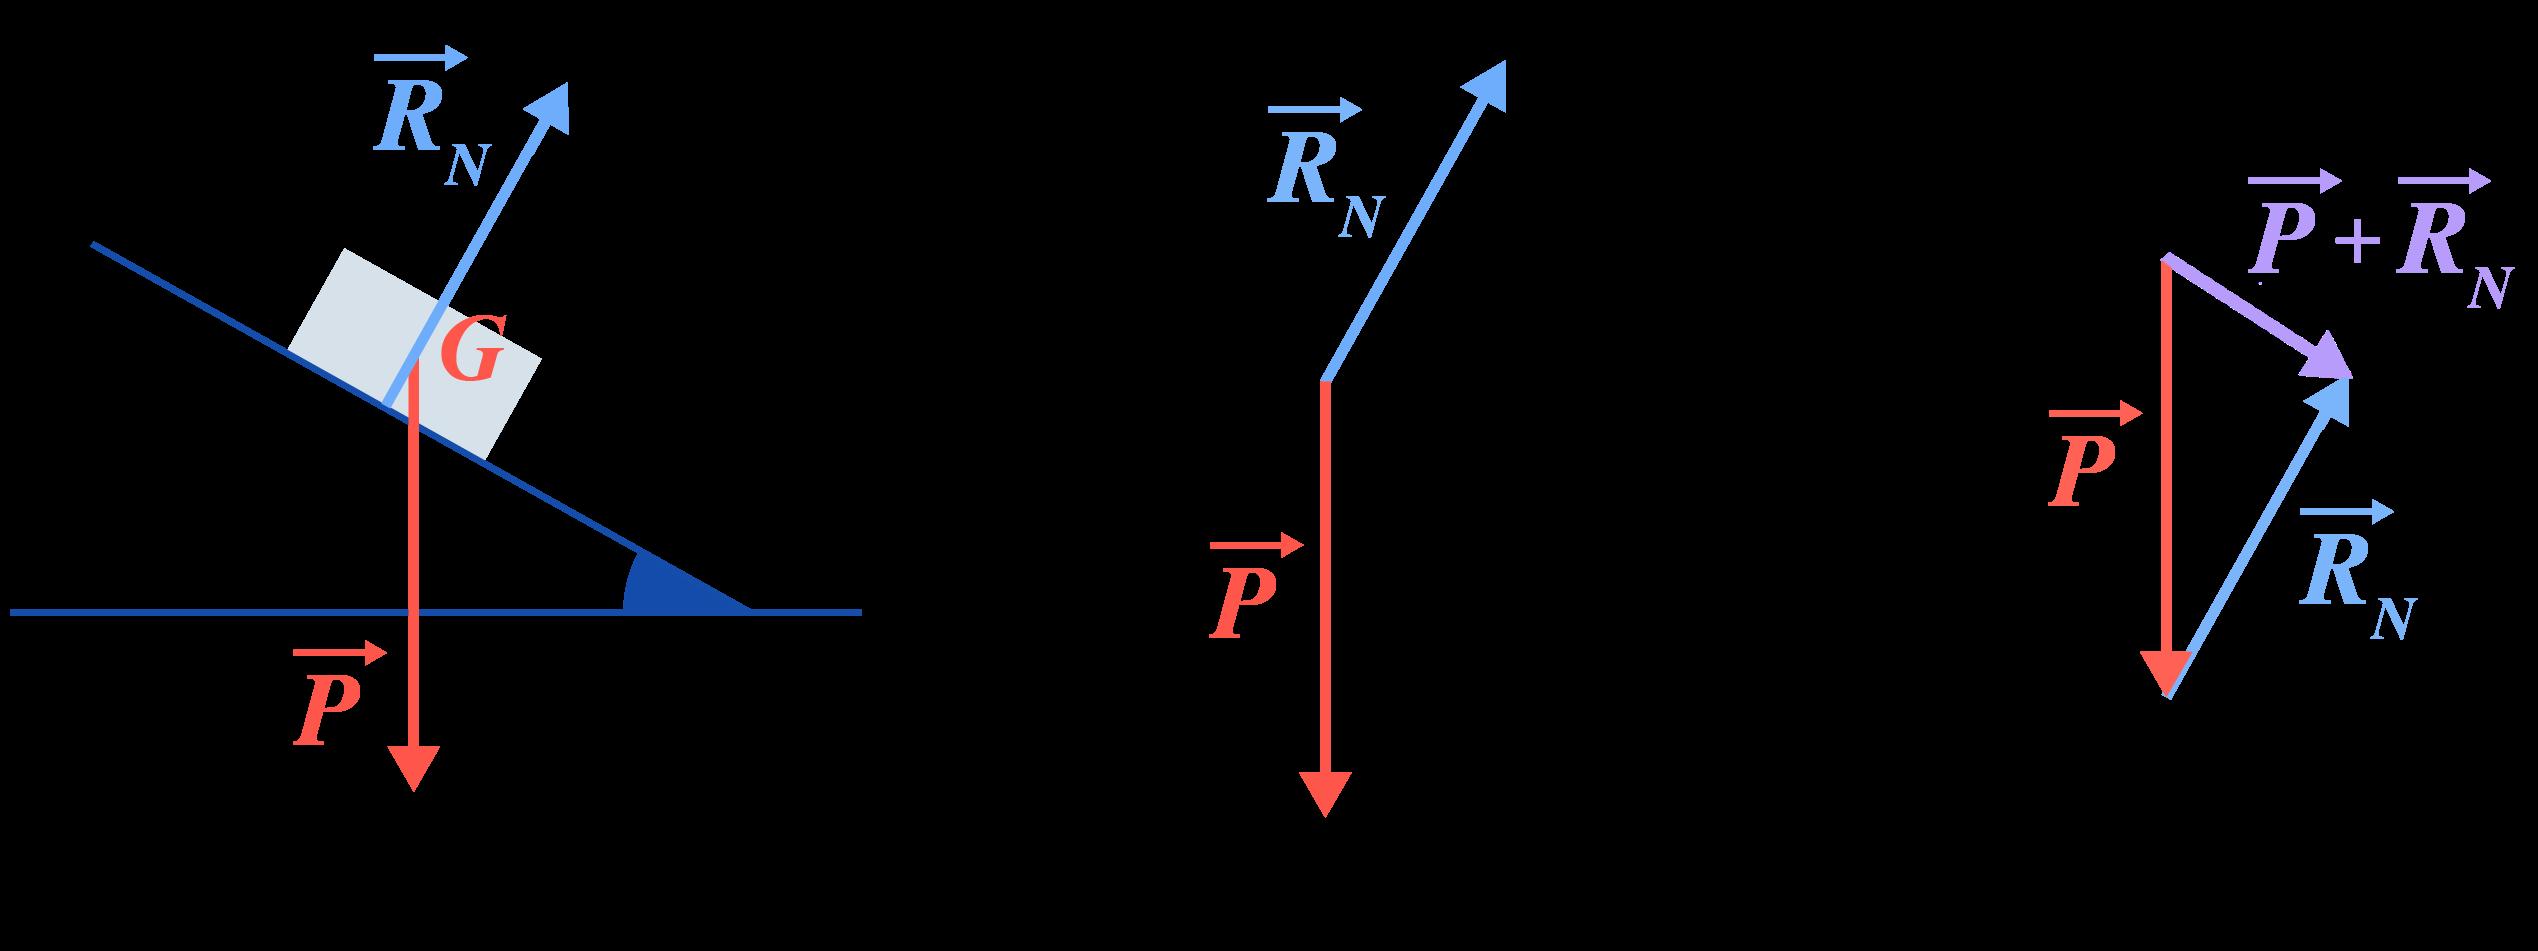 Principe d'inertie mouvement pas uniforme deux forces